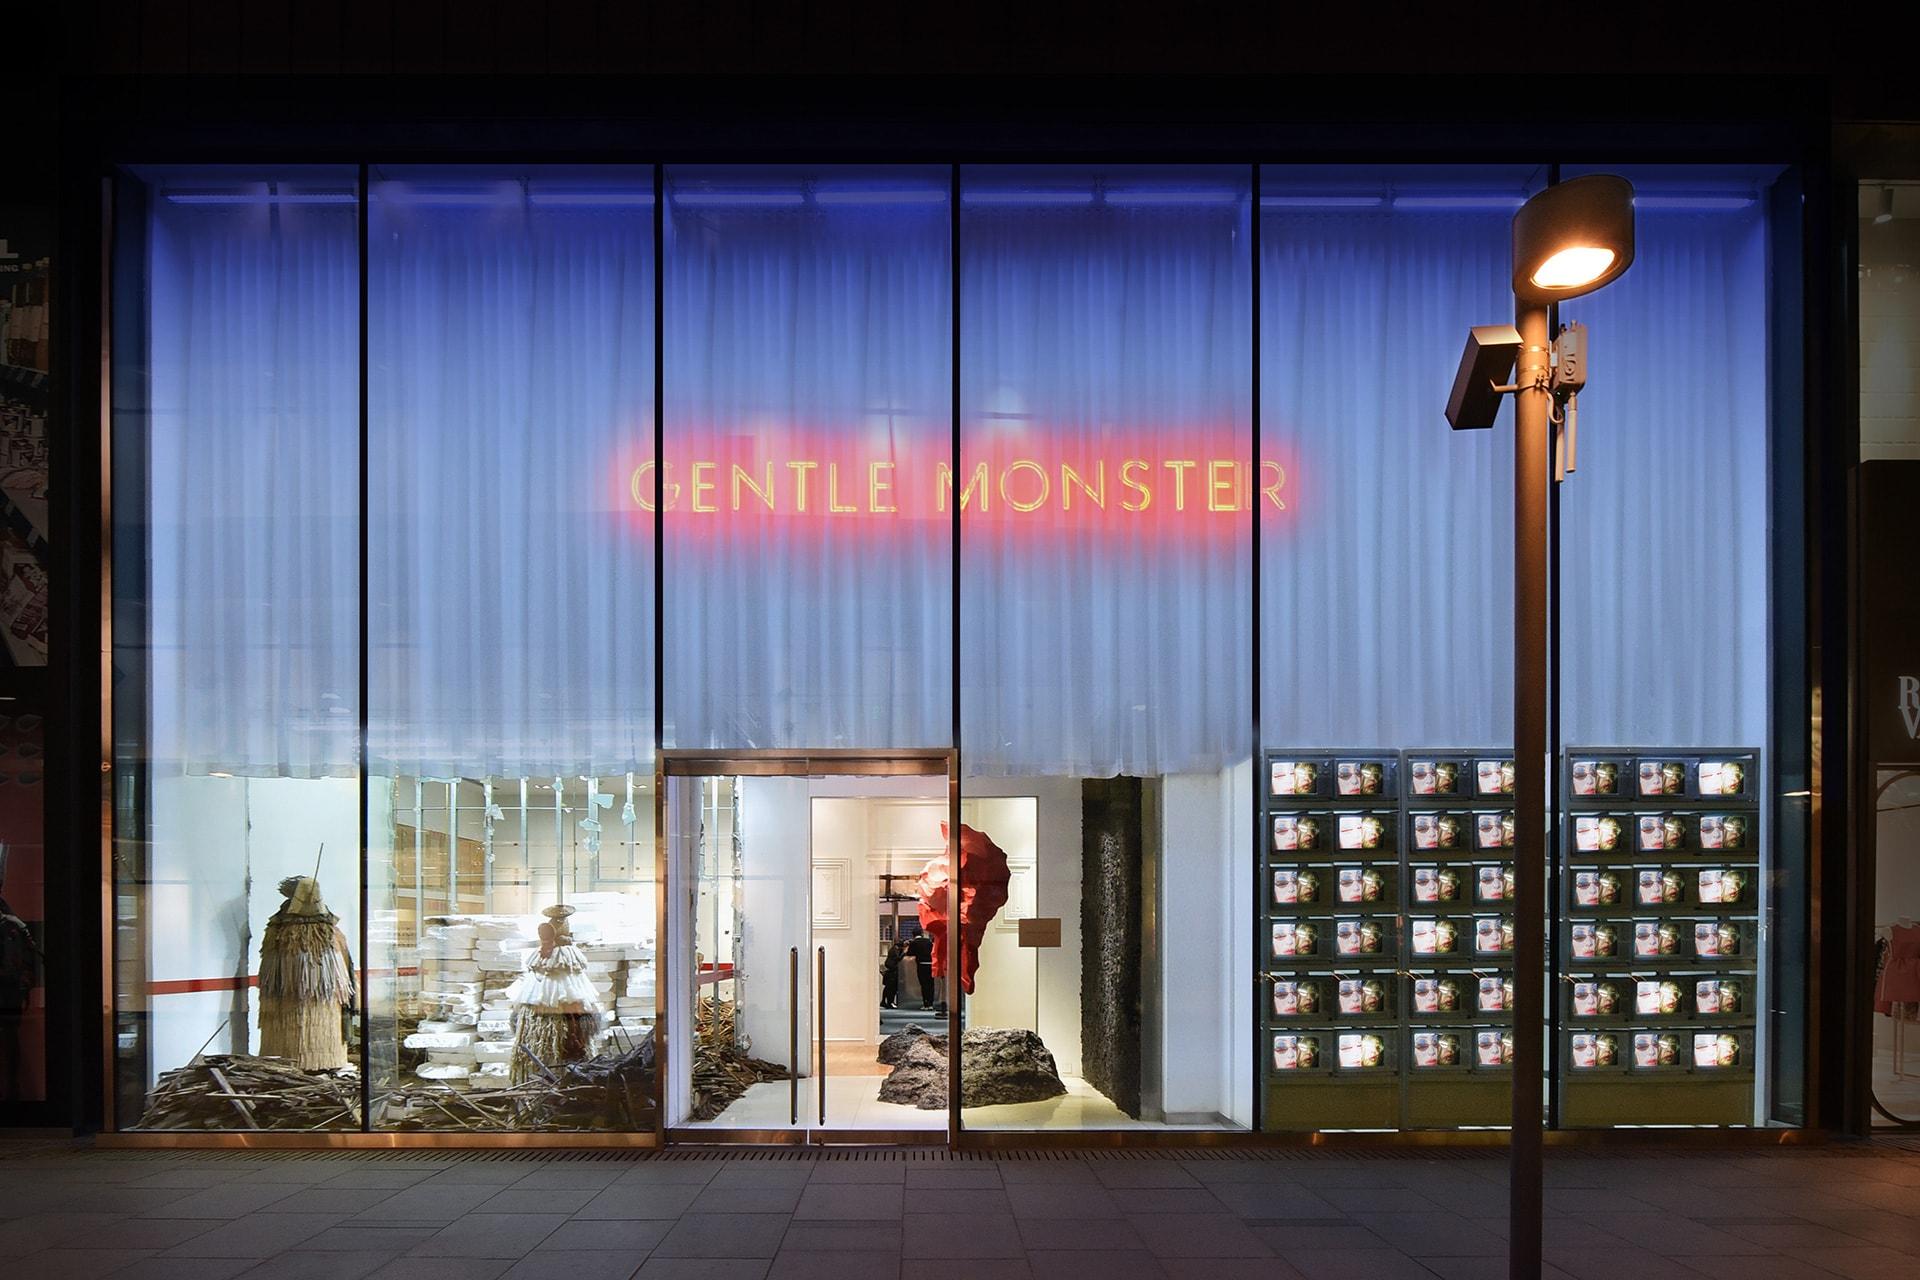 GENTLE MONSTER - Beijing, China Store